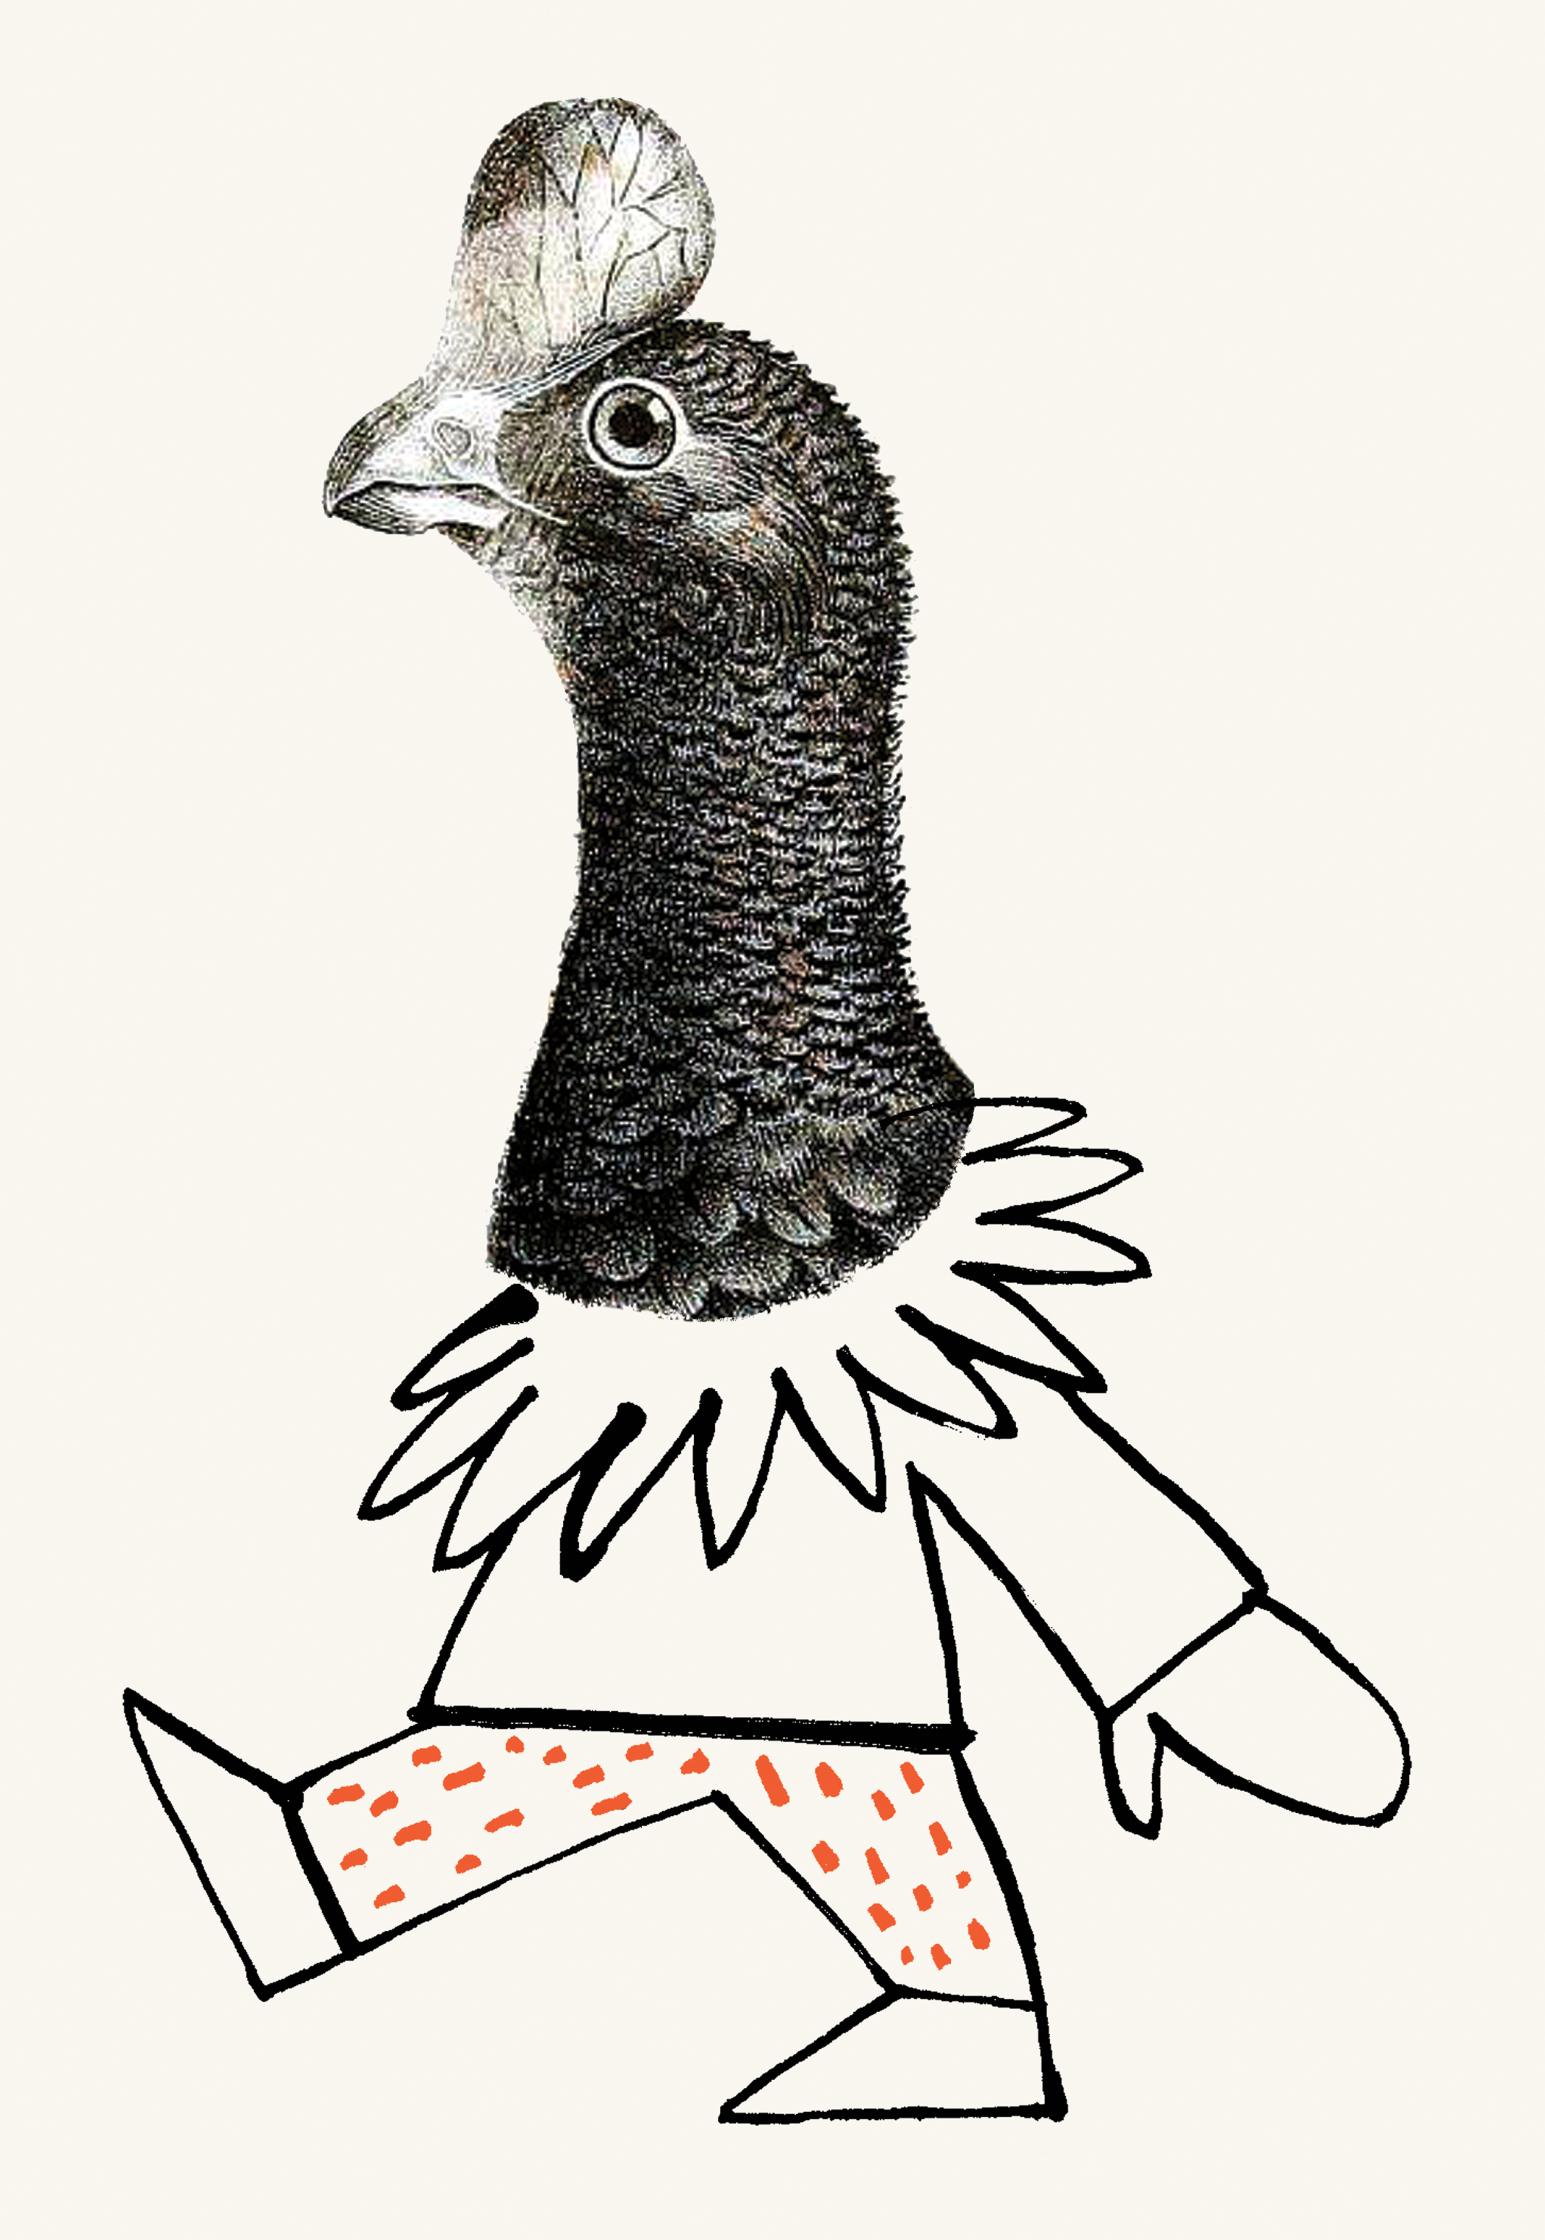 Streich-collage-chicken-suit.jpg